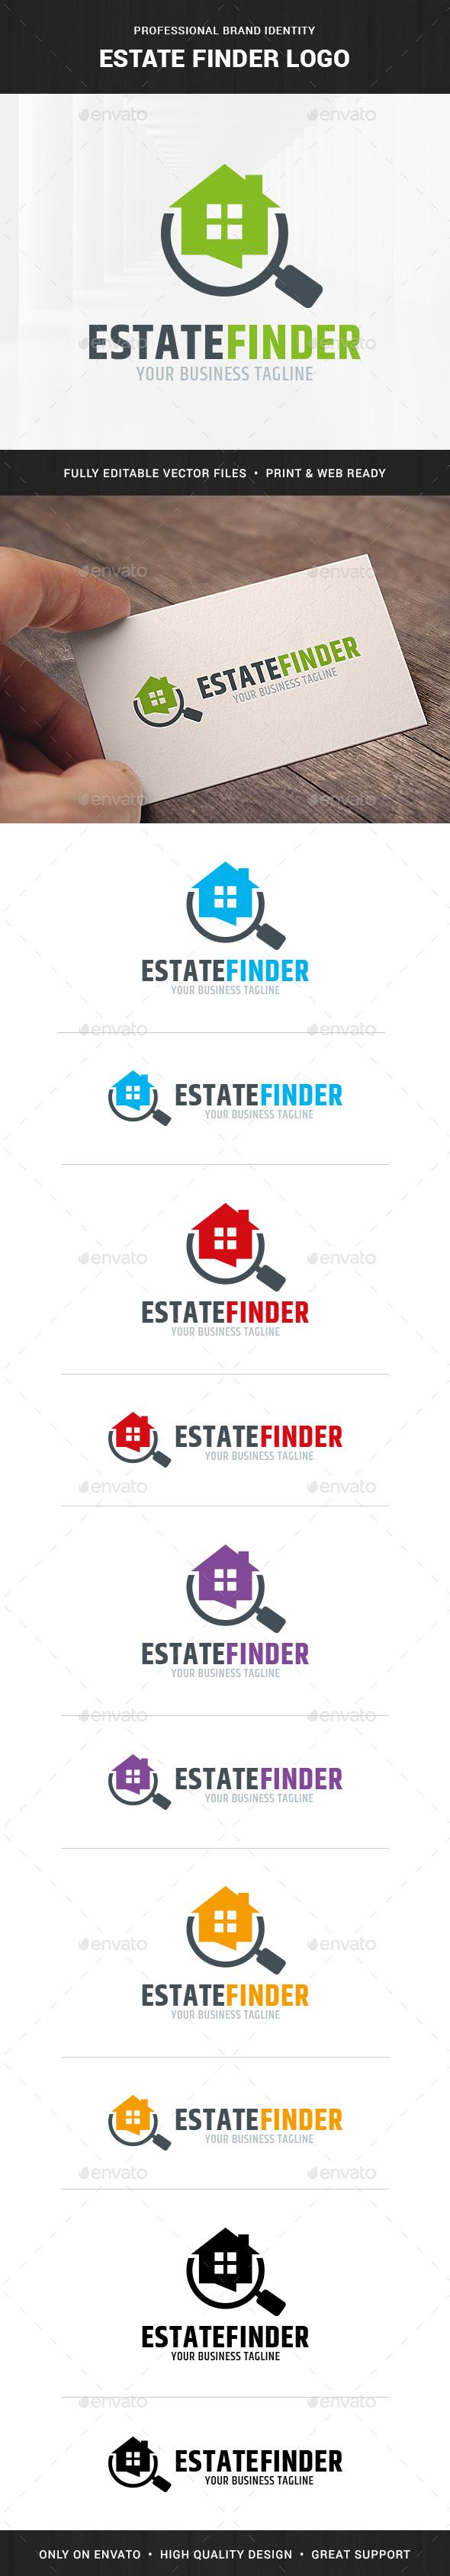 Estate Finder Logo Template